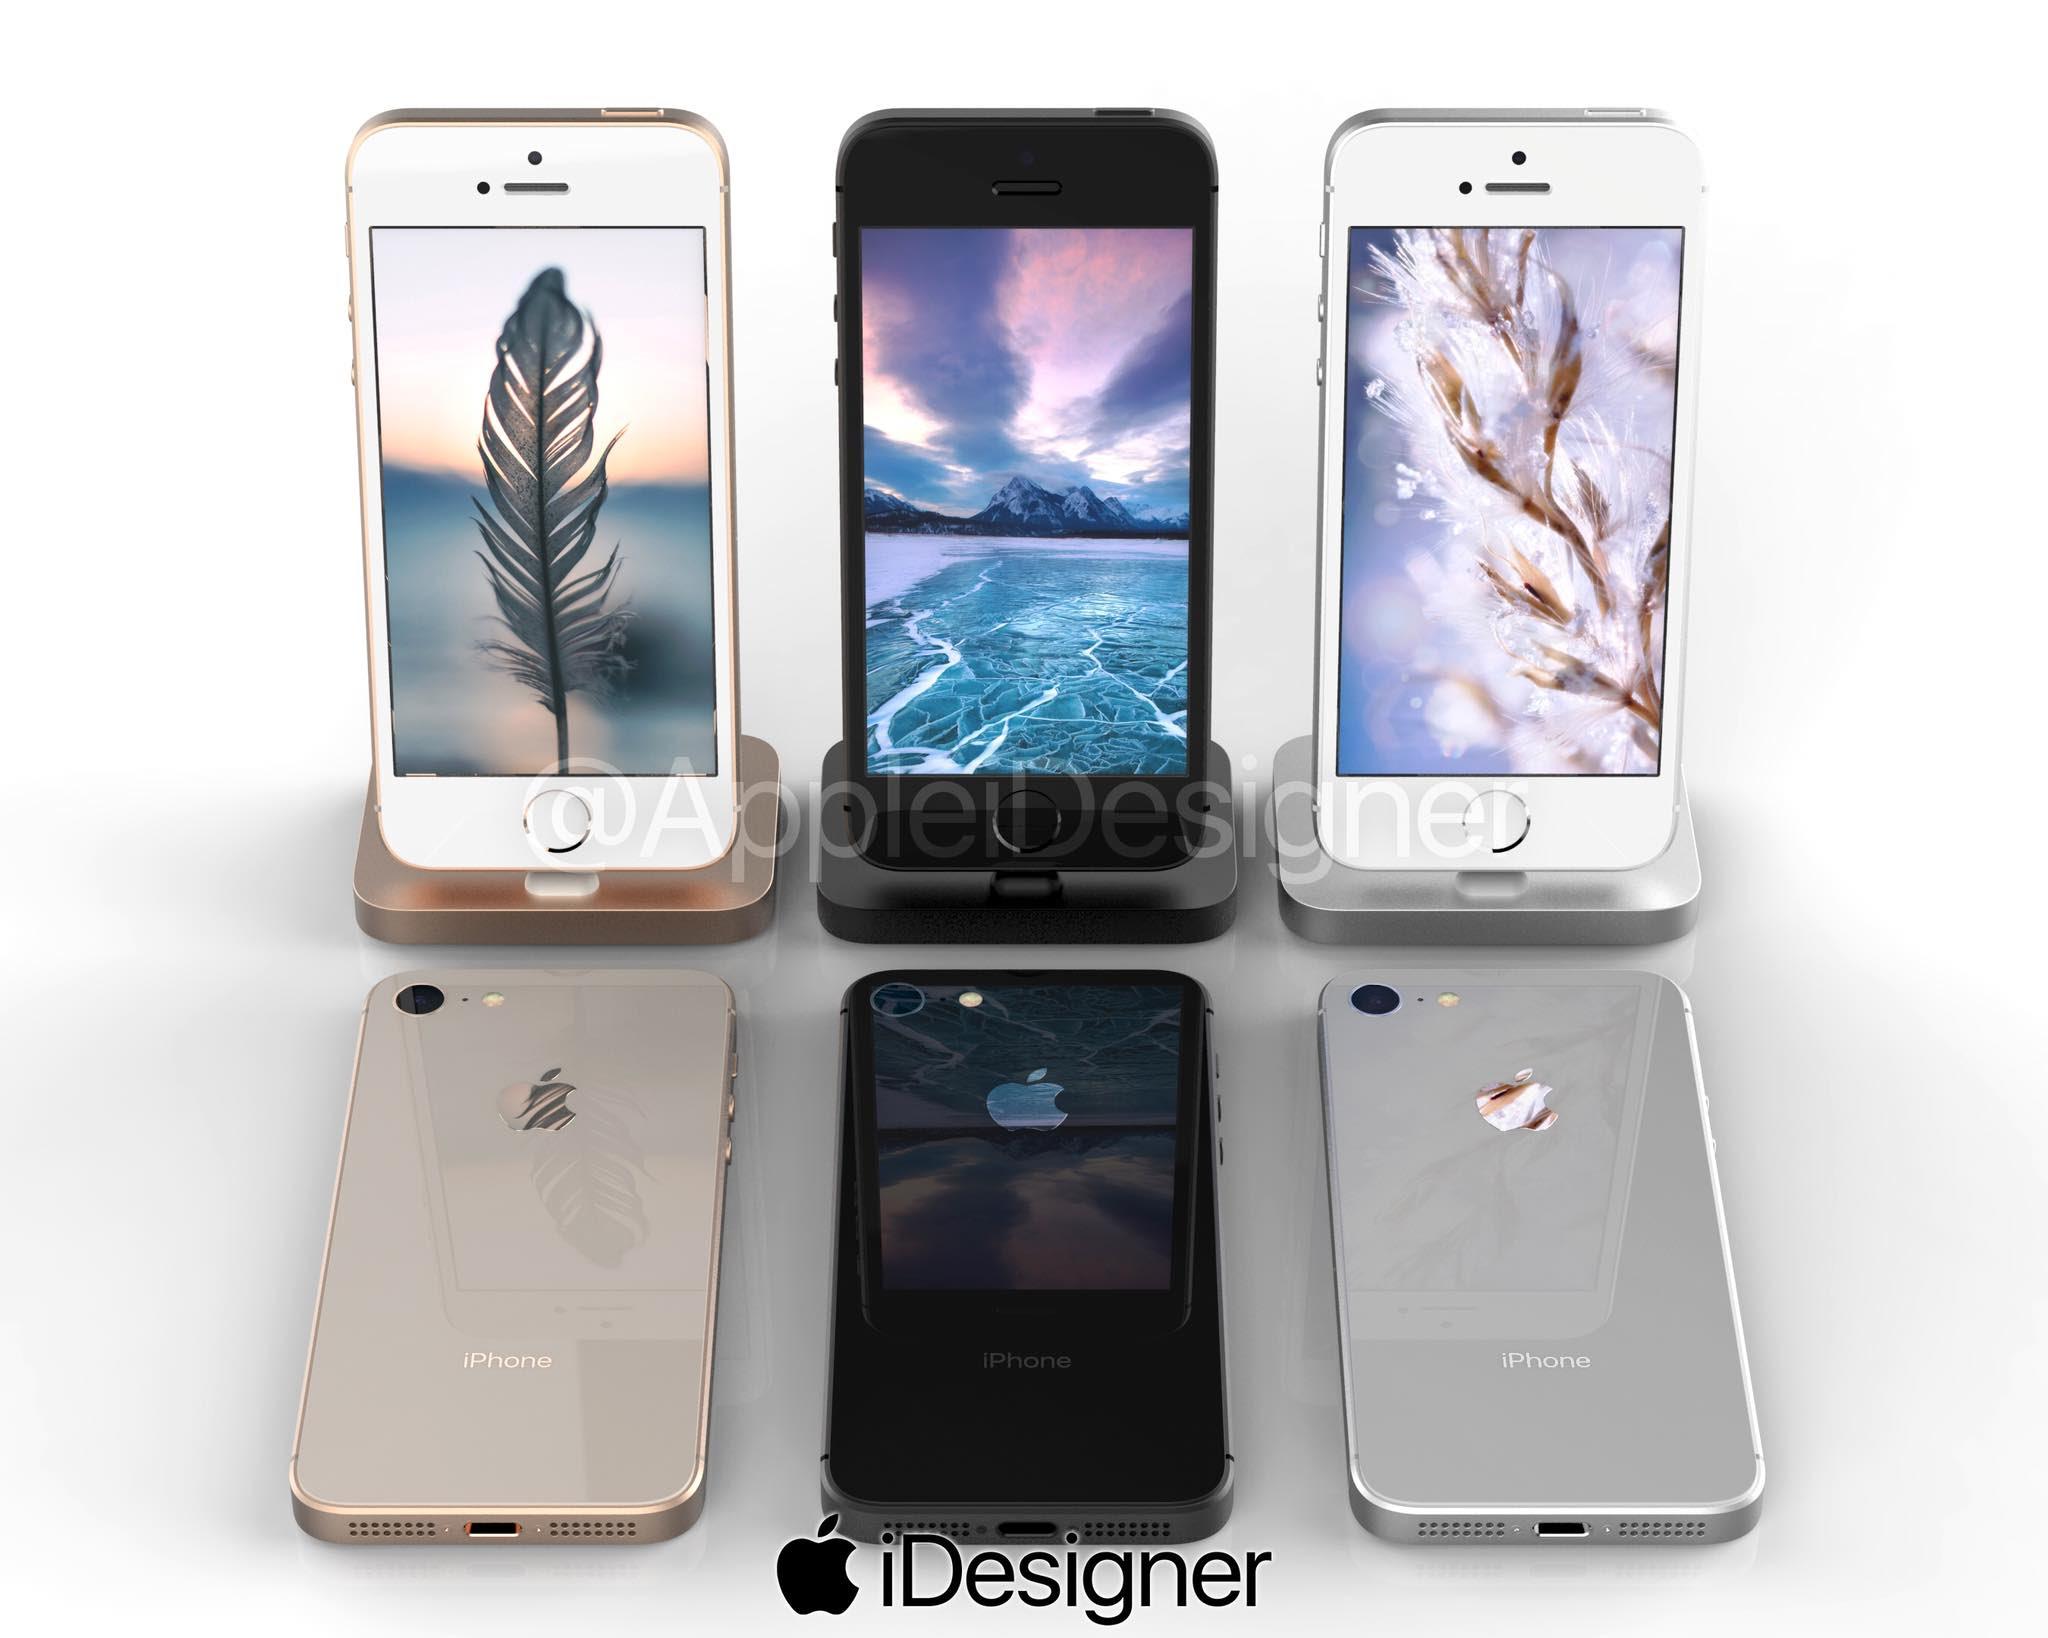 ลือ] iPhone SE 2 อาจใช้วัสดุฝาหลังเป็นกระจก รองรับชาร์จไร้สาย (เหมือน iPhone 8)